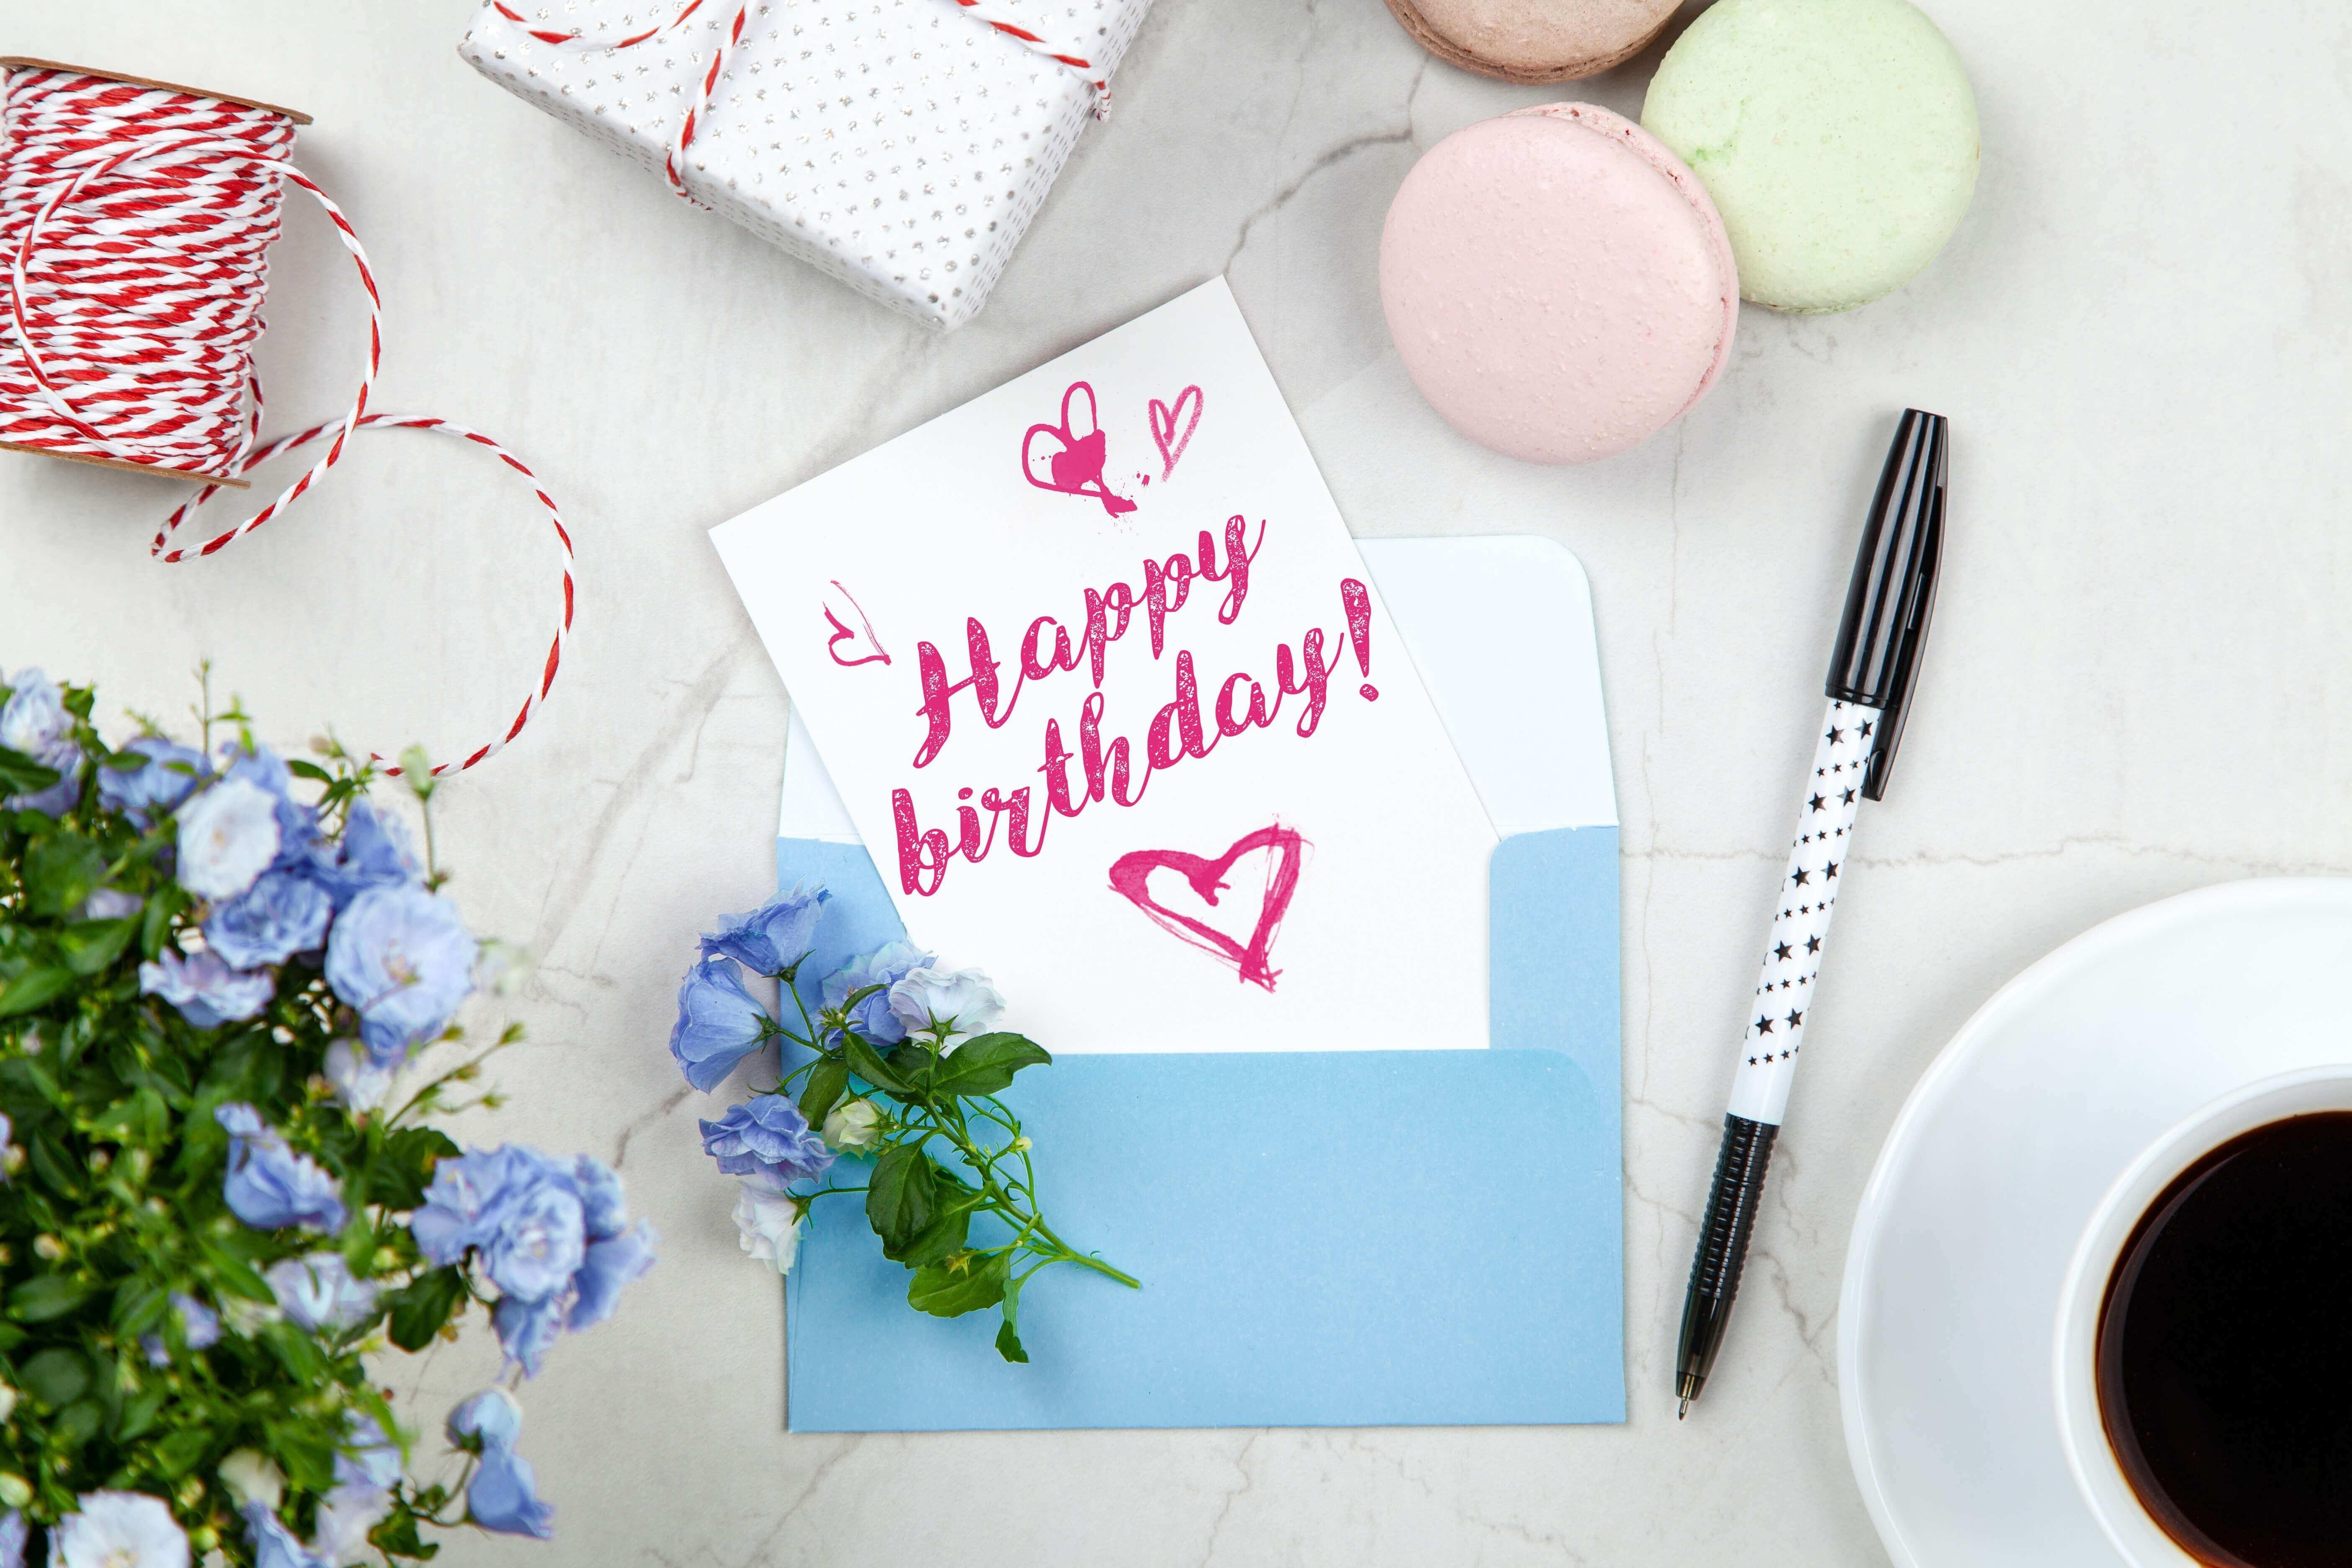 Herzliche Glückwünsche zum Geburtstag